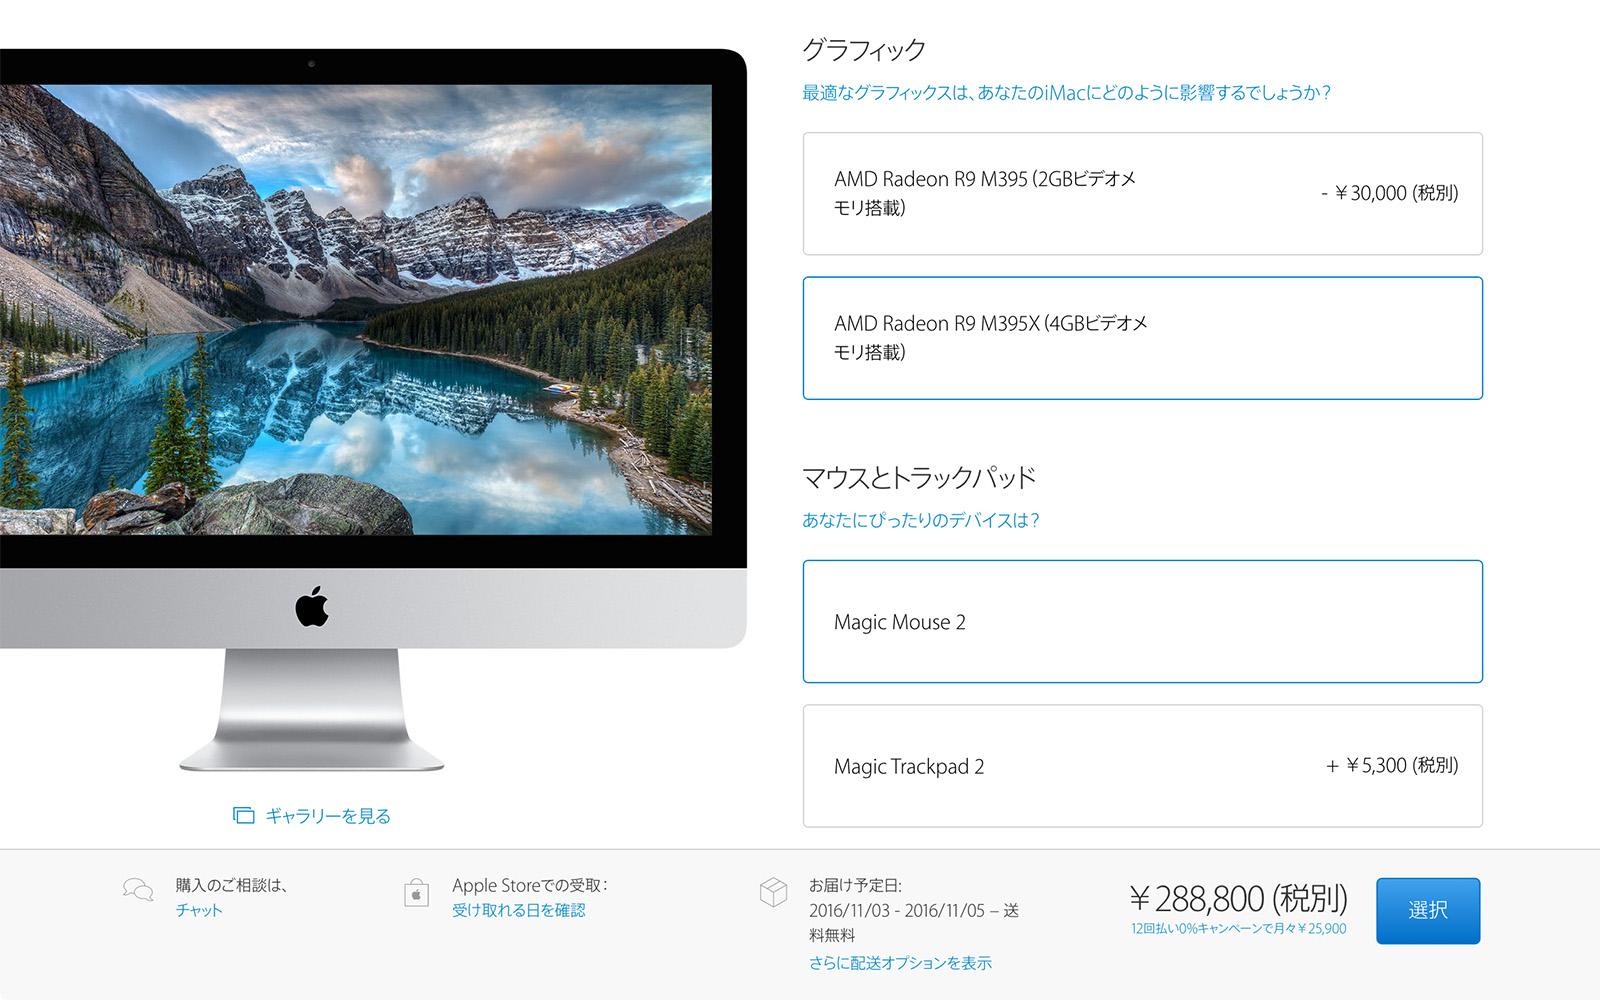 iMac カスタマイズ